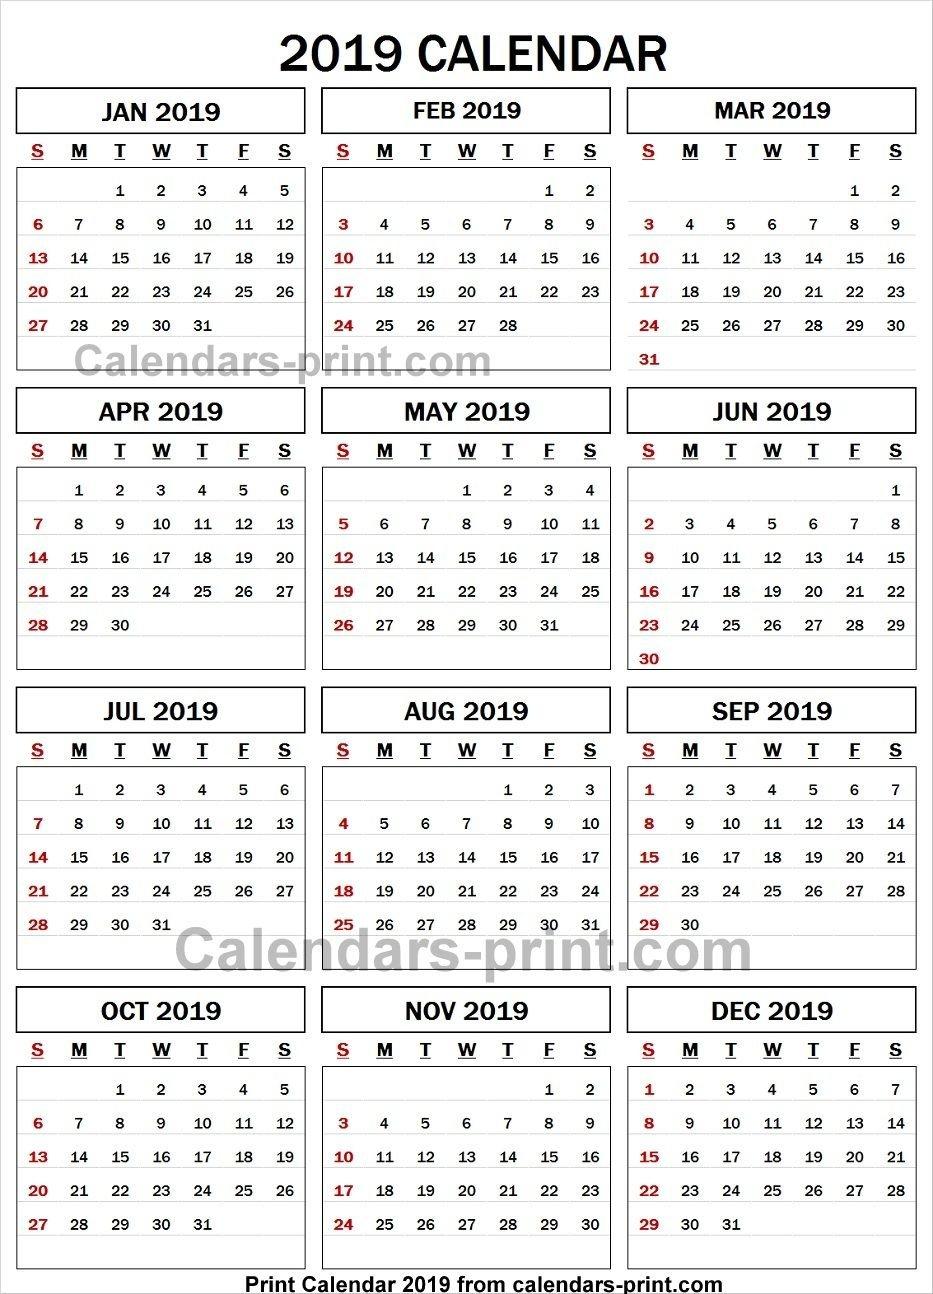 2019 Calendar Spreadsheet | 2019 Yearly Calendar | 2019 Calendar Calendar 2019 Liga Mx